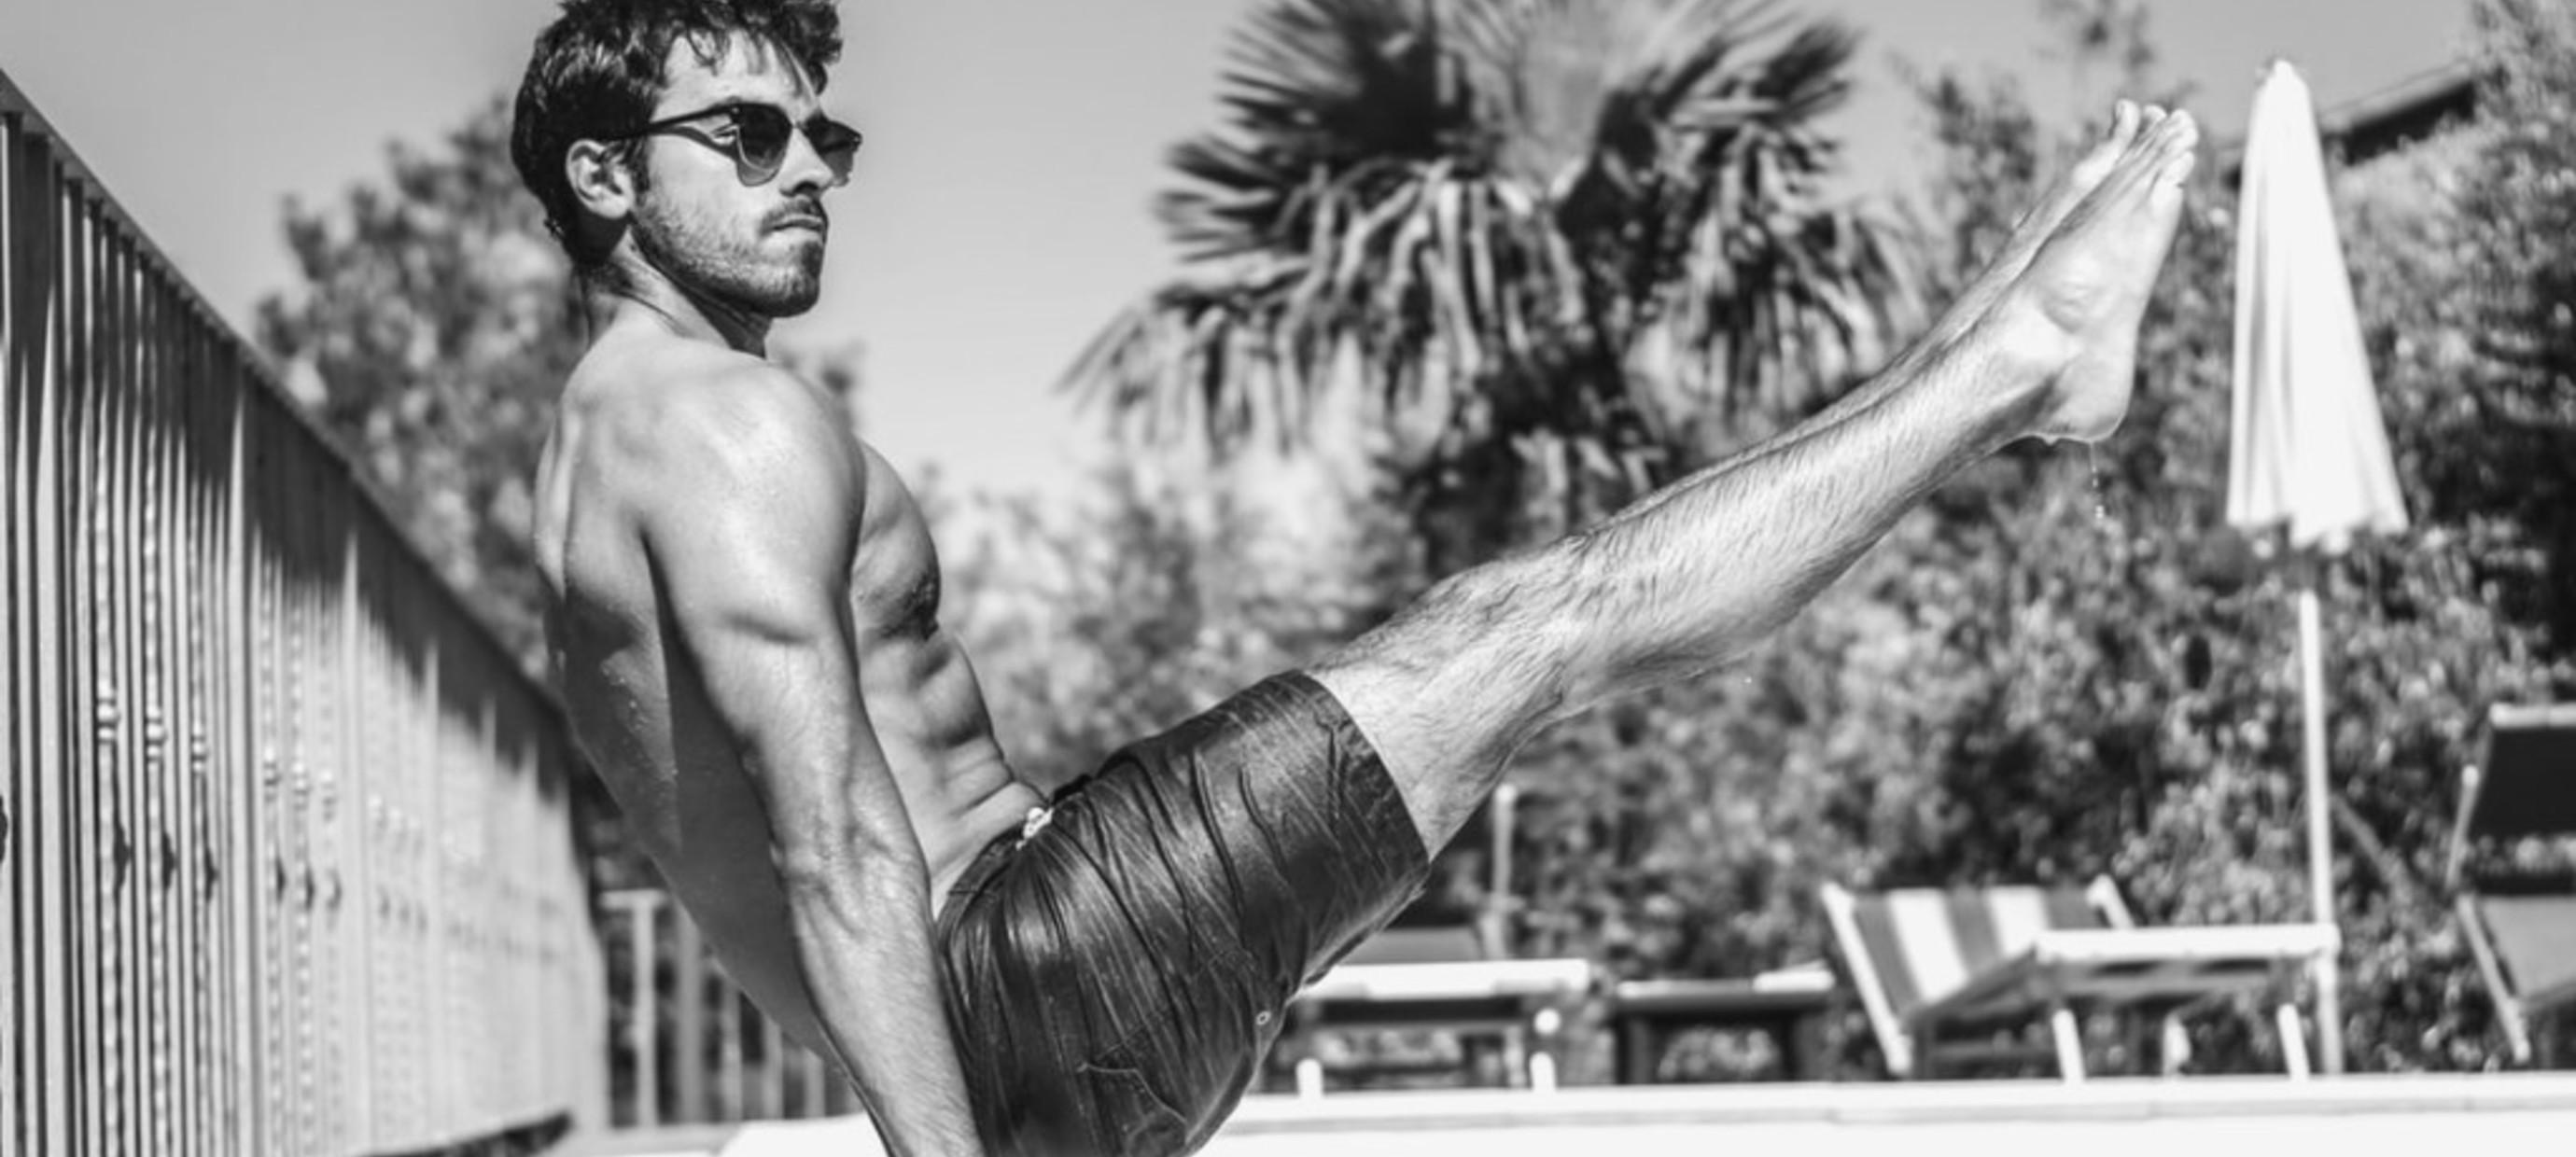 Mach dich fit mit Training in der Nebensaison!